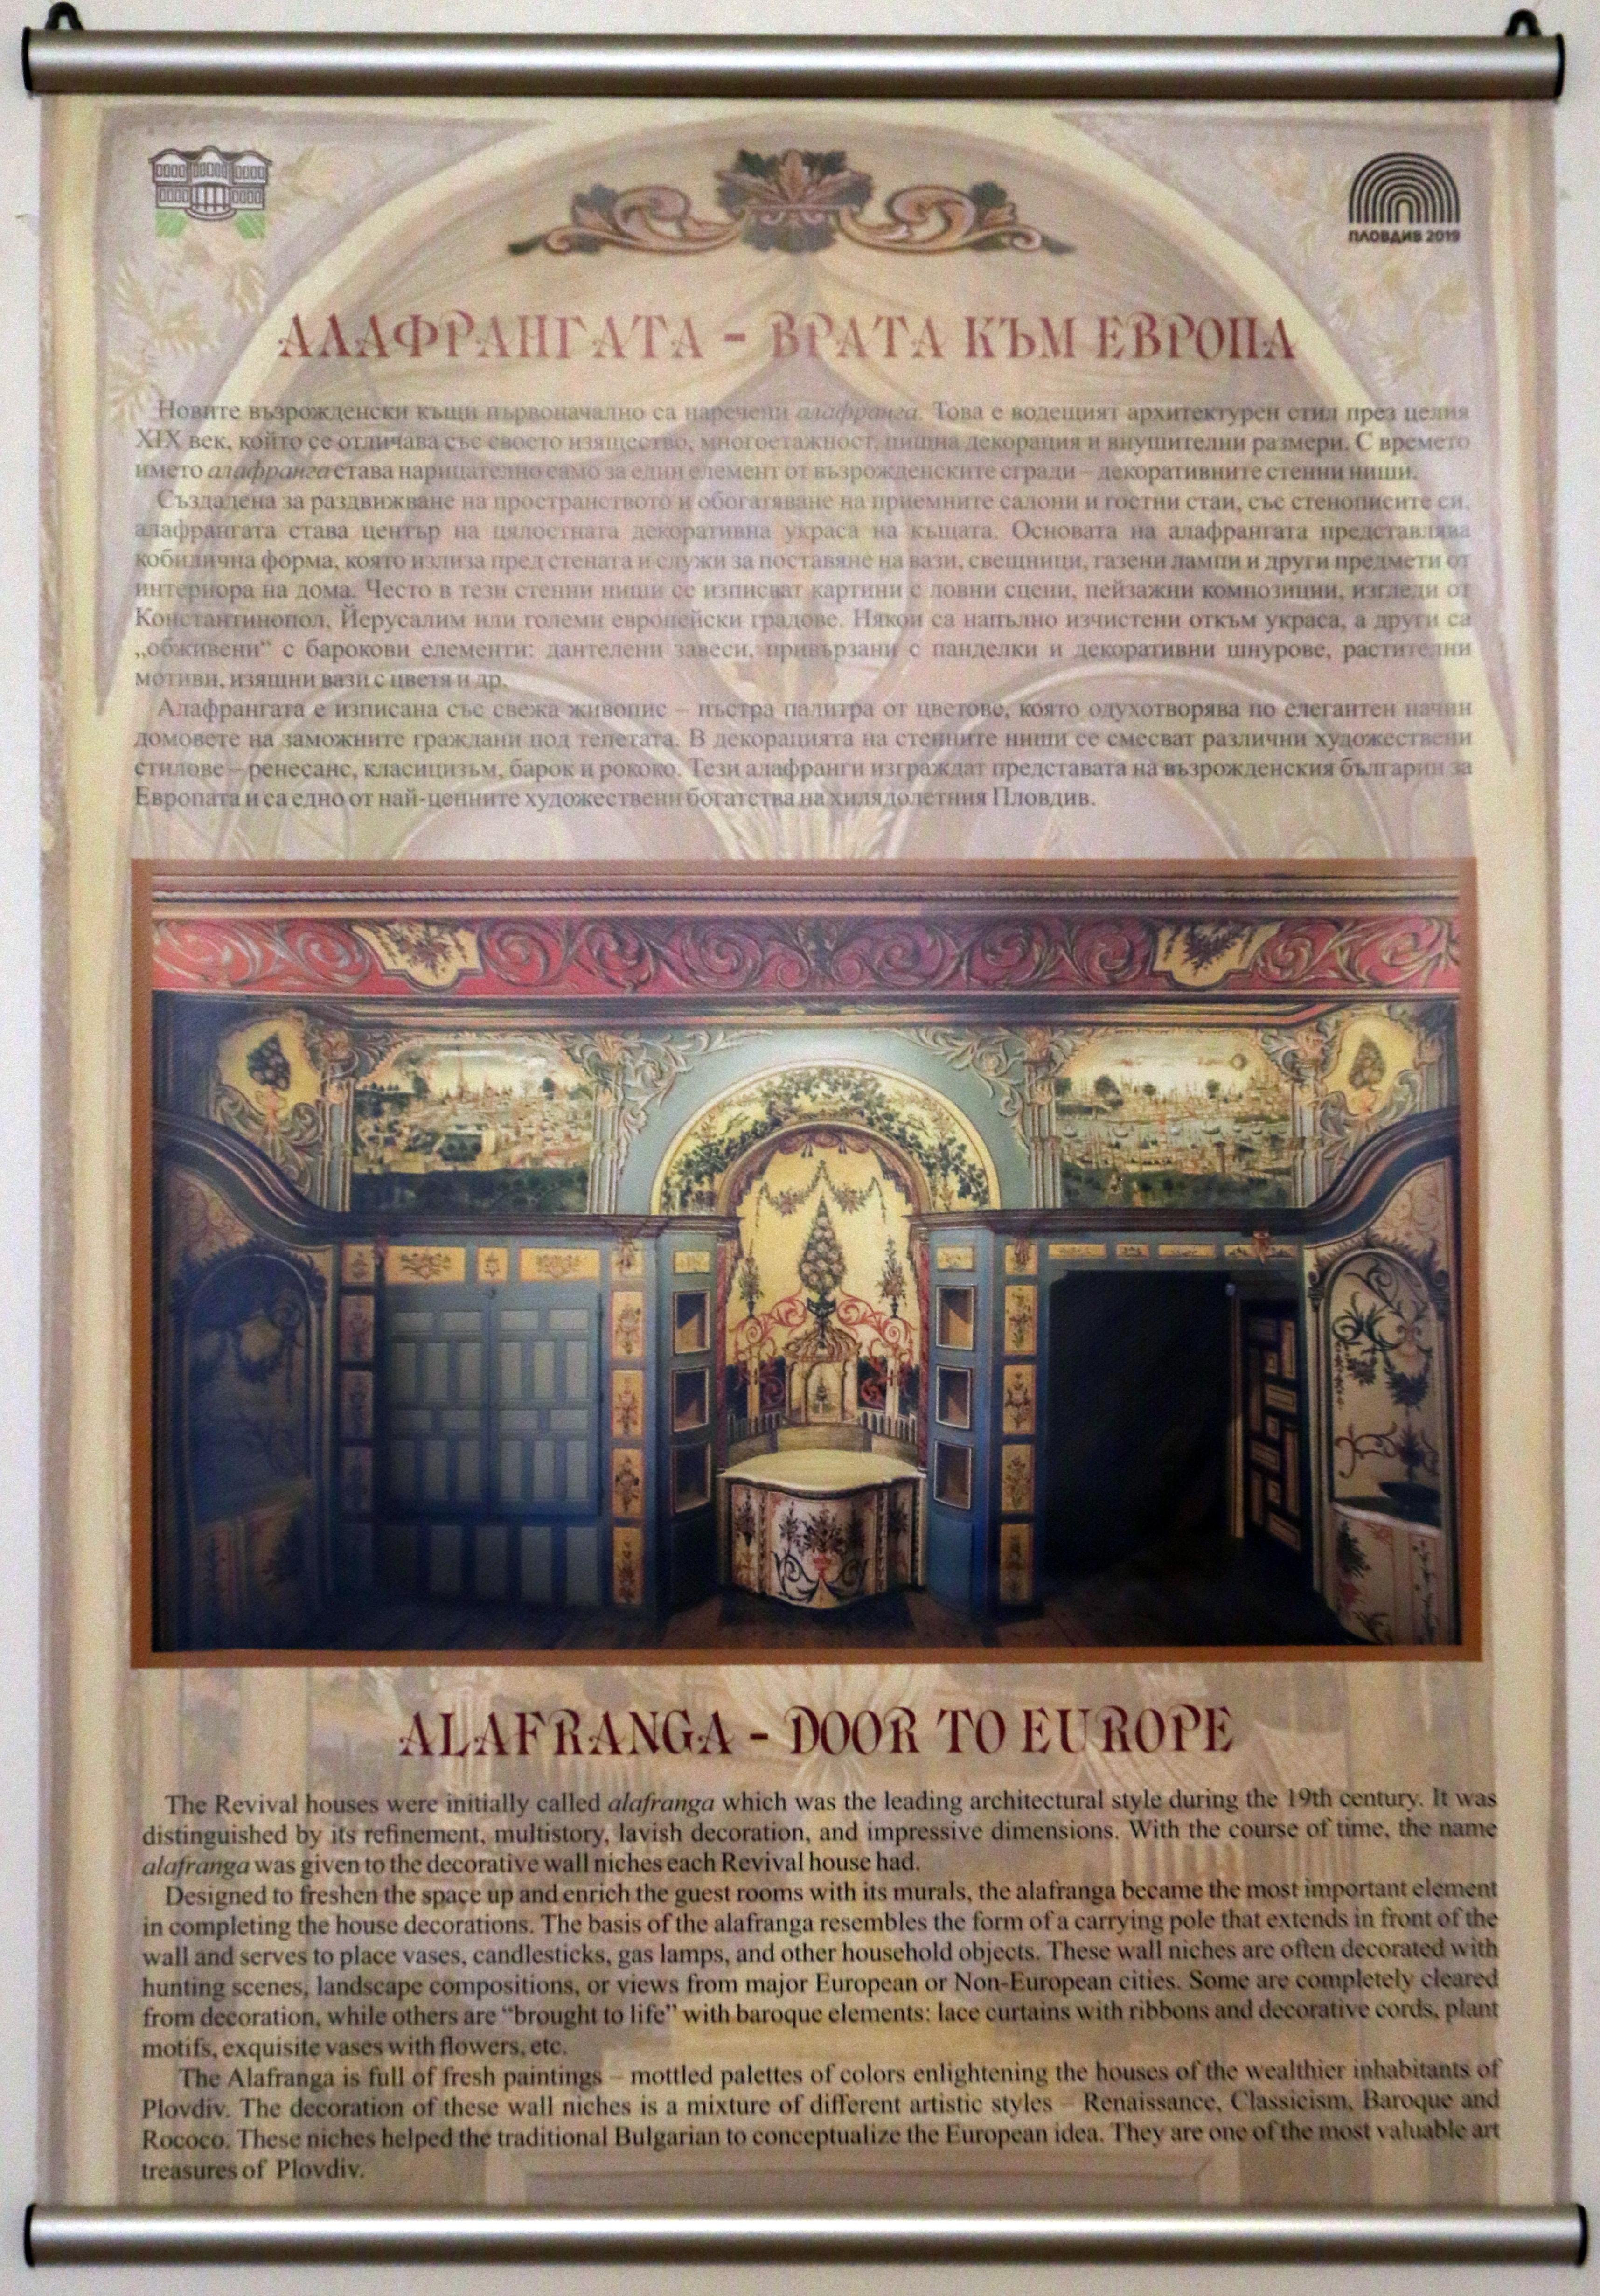 <p>Експозицията ще гостува в бившия Княжески дворец до 18 април 2020 г.</p>